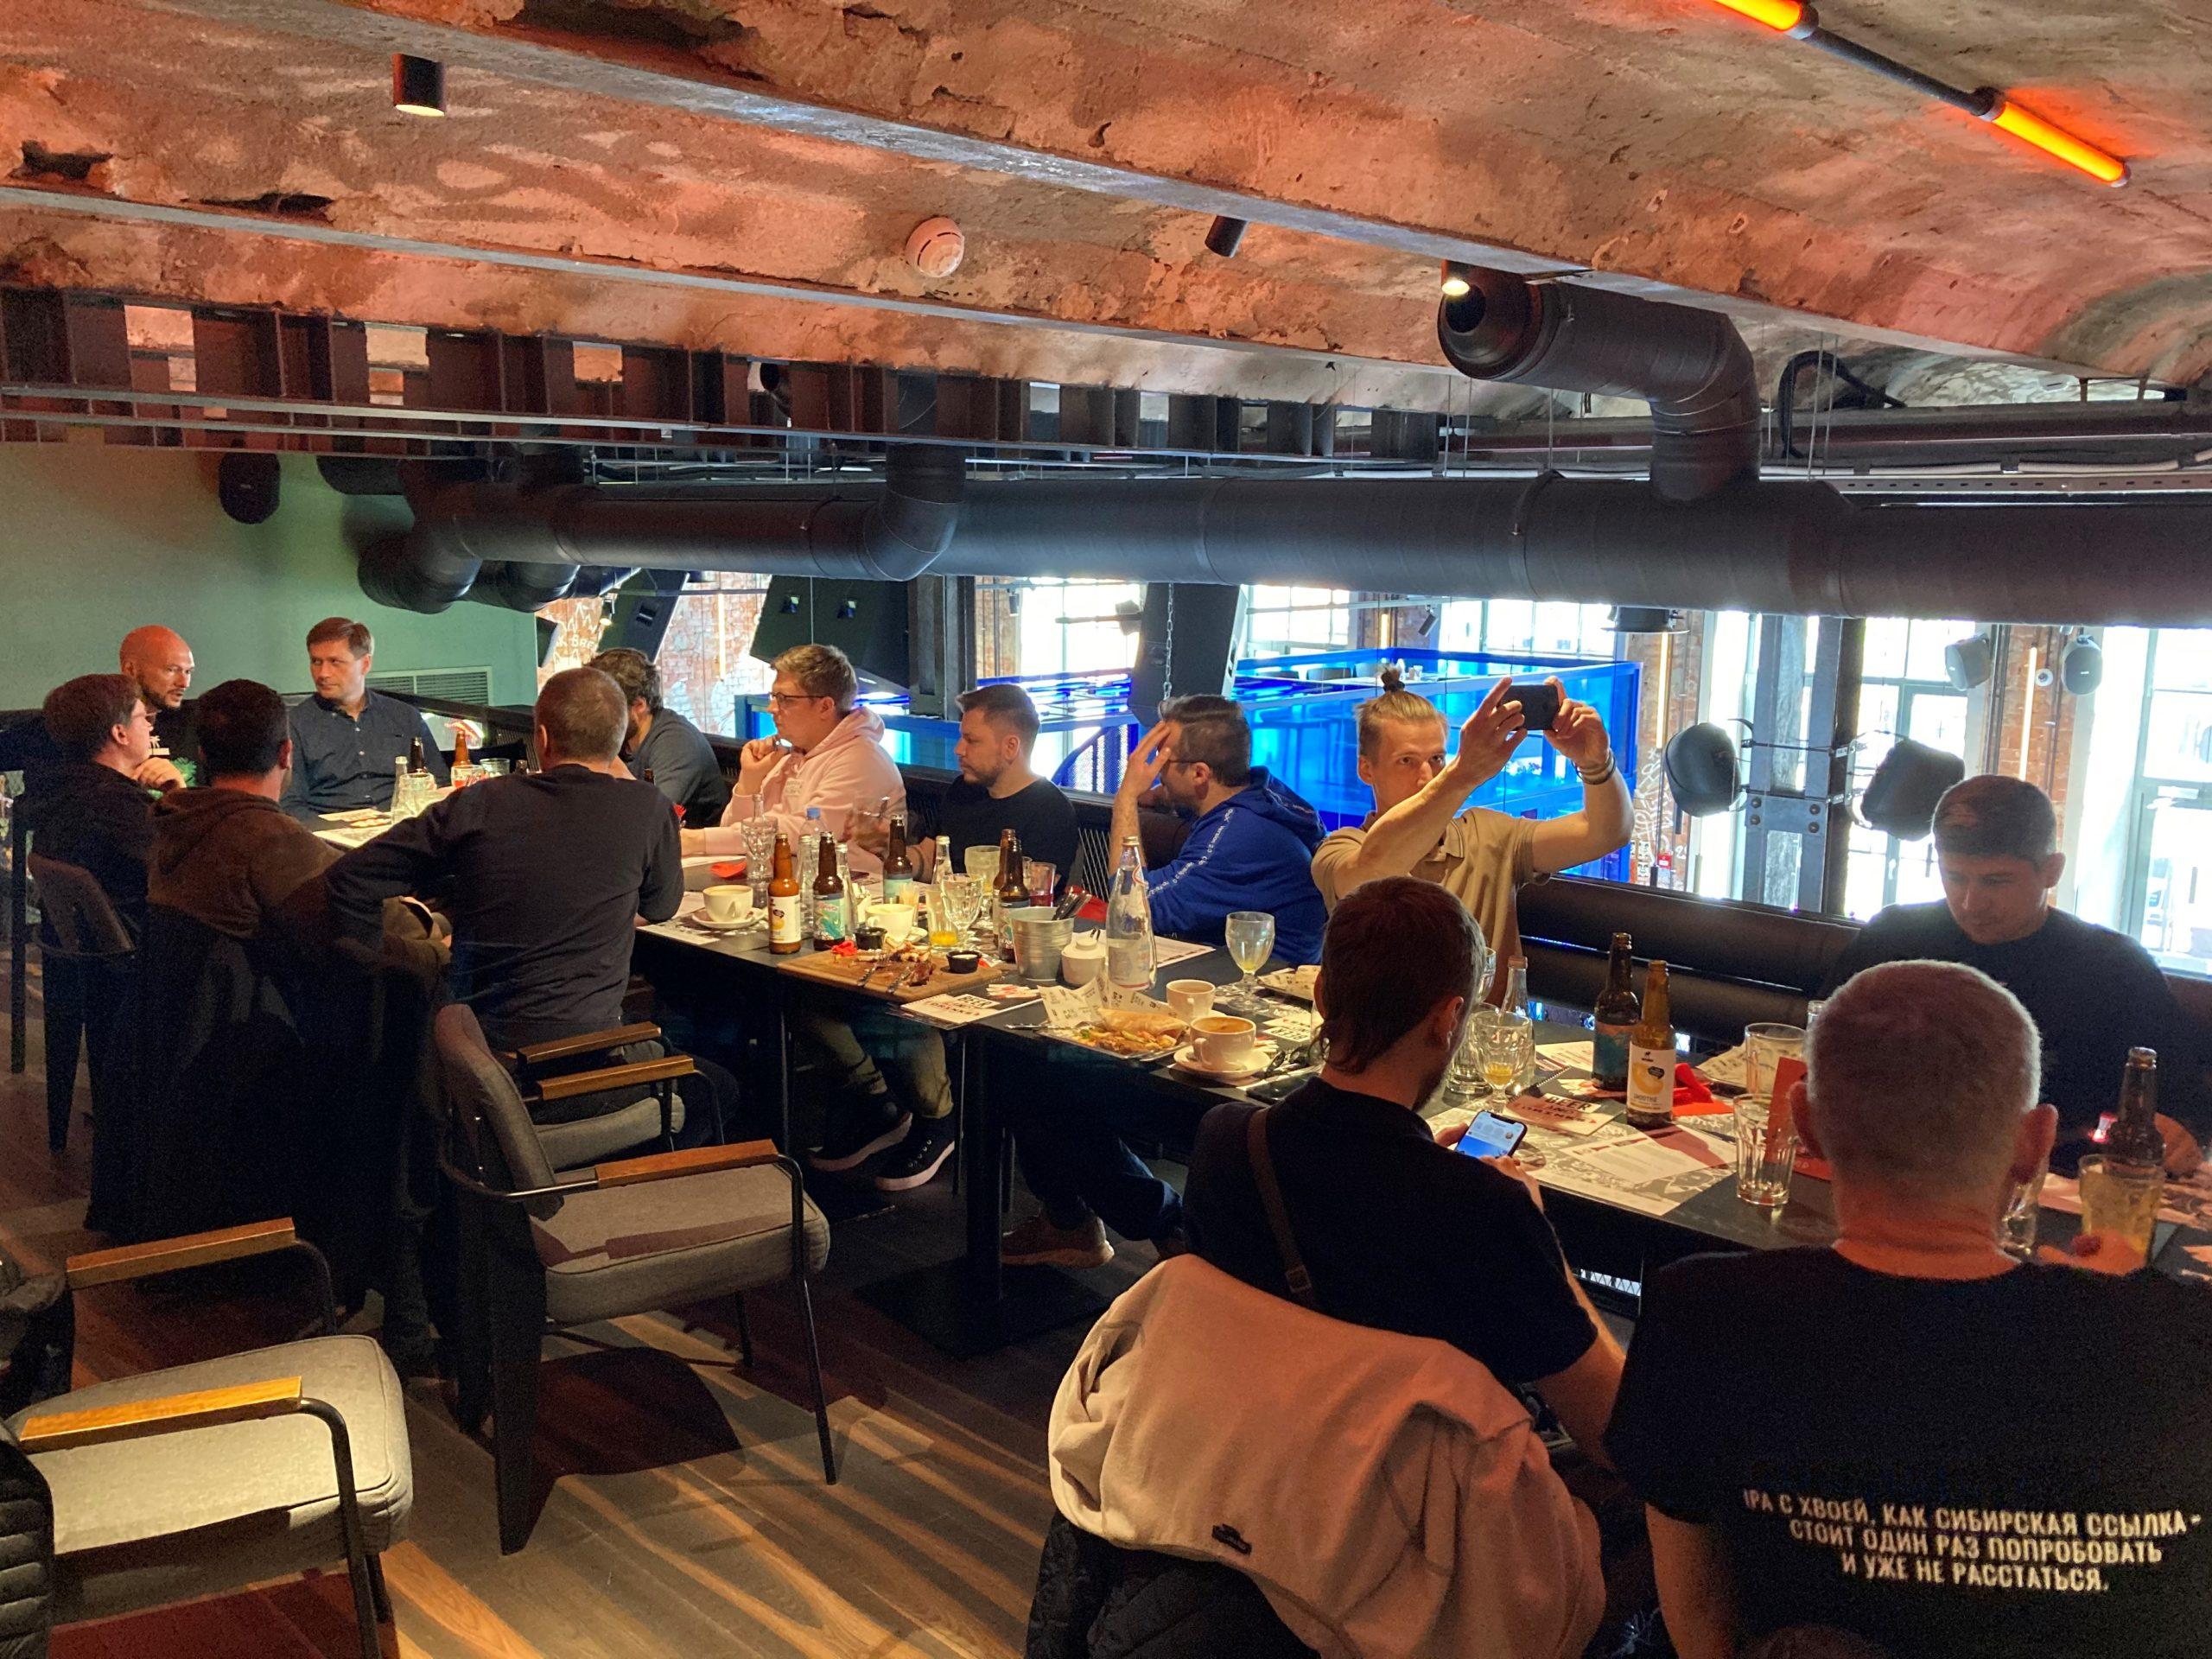 Горьковская пивоварня и Brew Moose запускают новые экспериментальные сорта